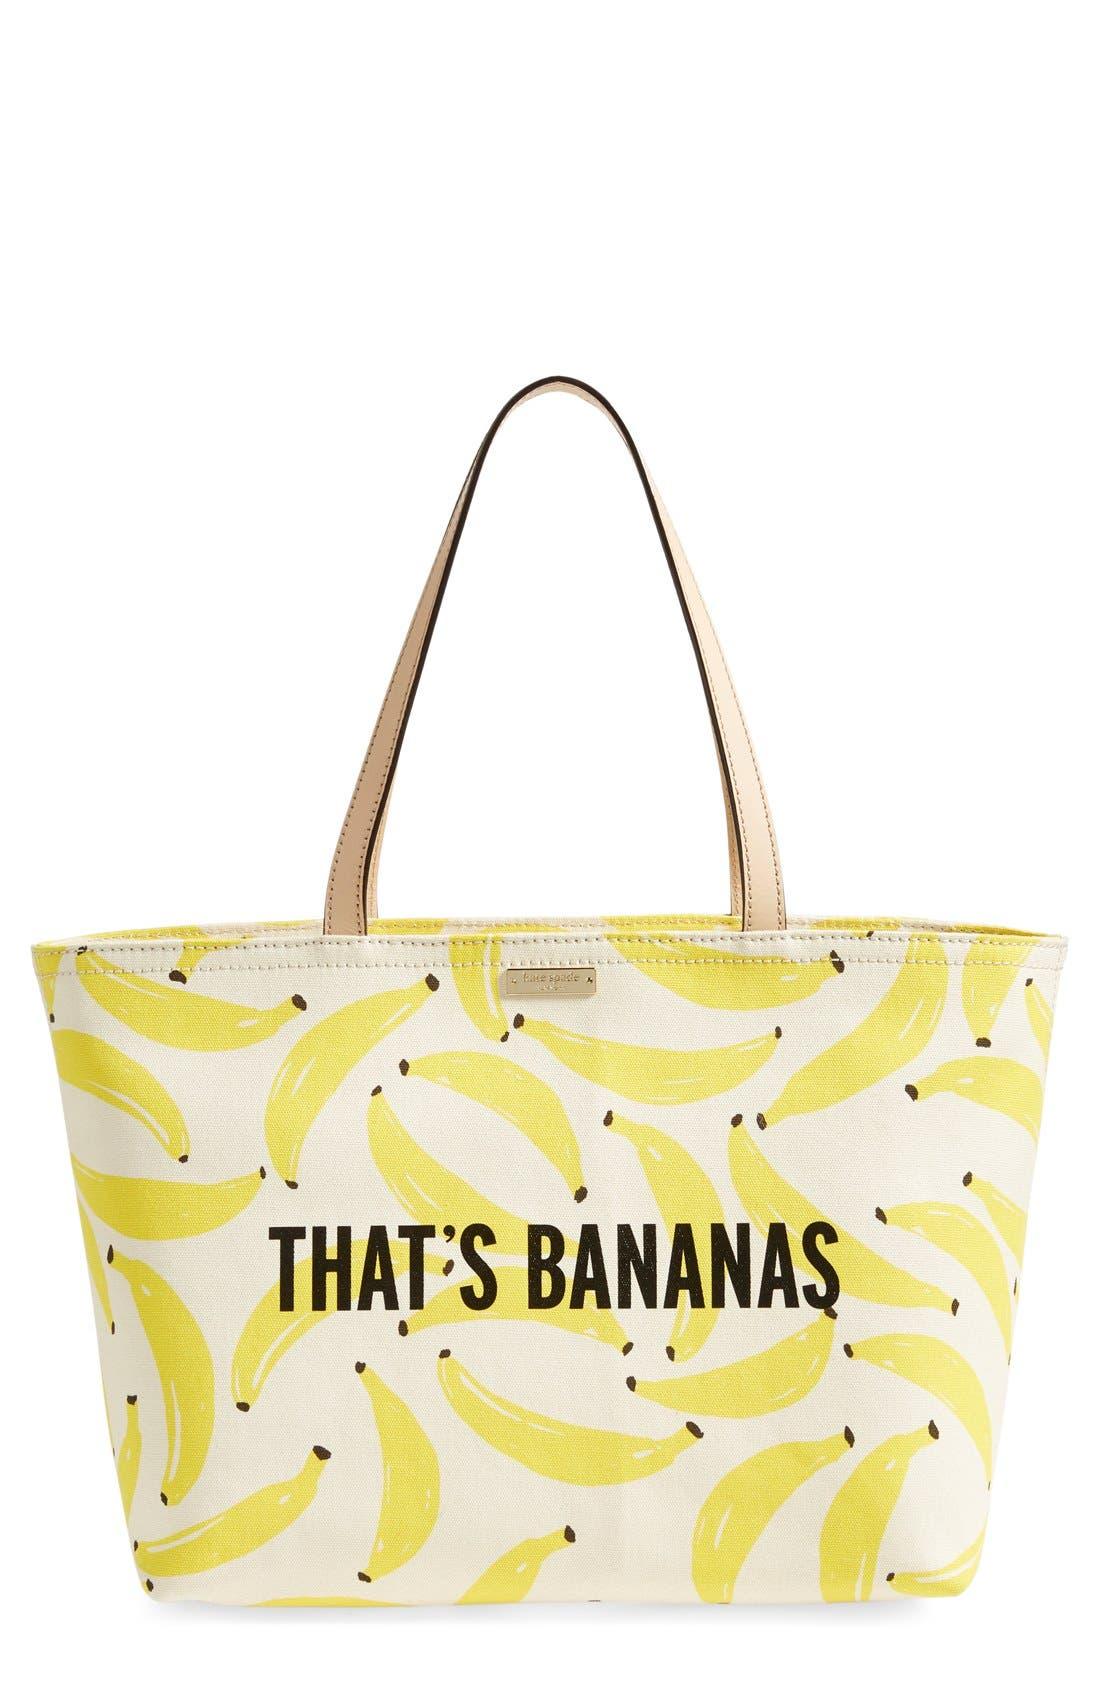 'that's bananas - francis' tote,                             Main thumbnail 1, color,                             700